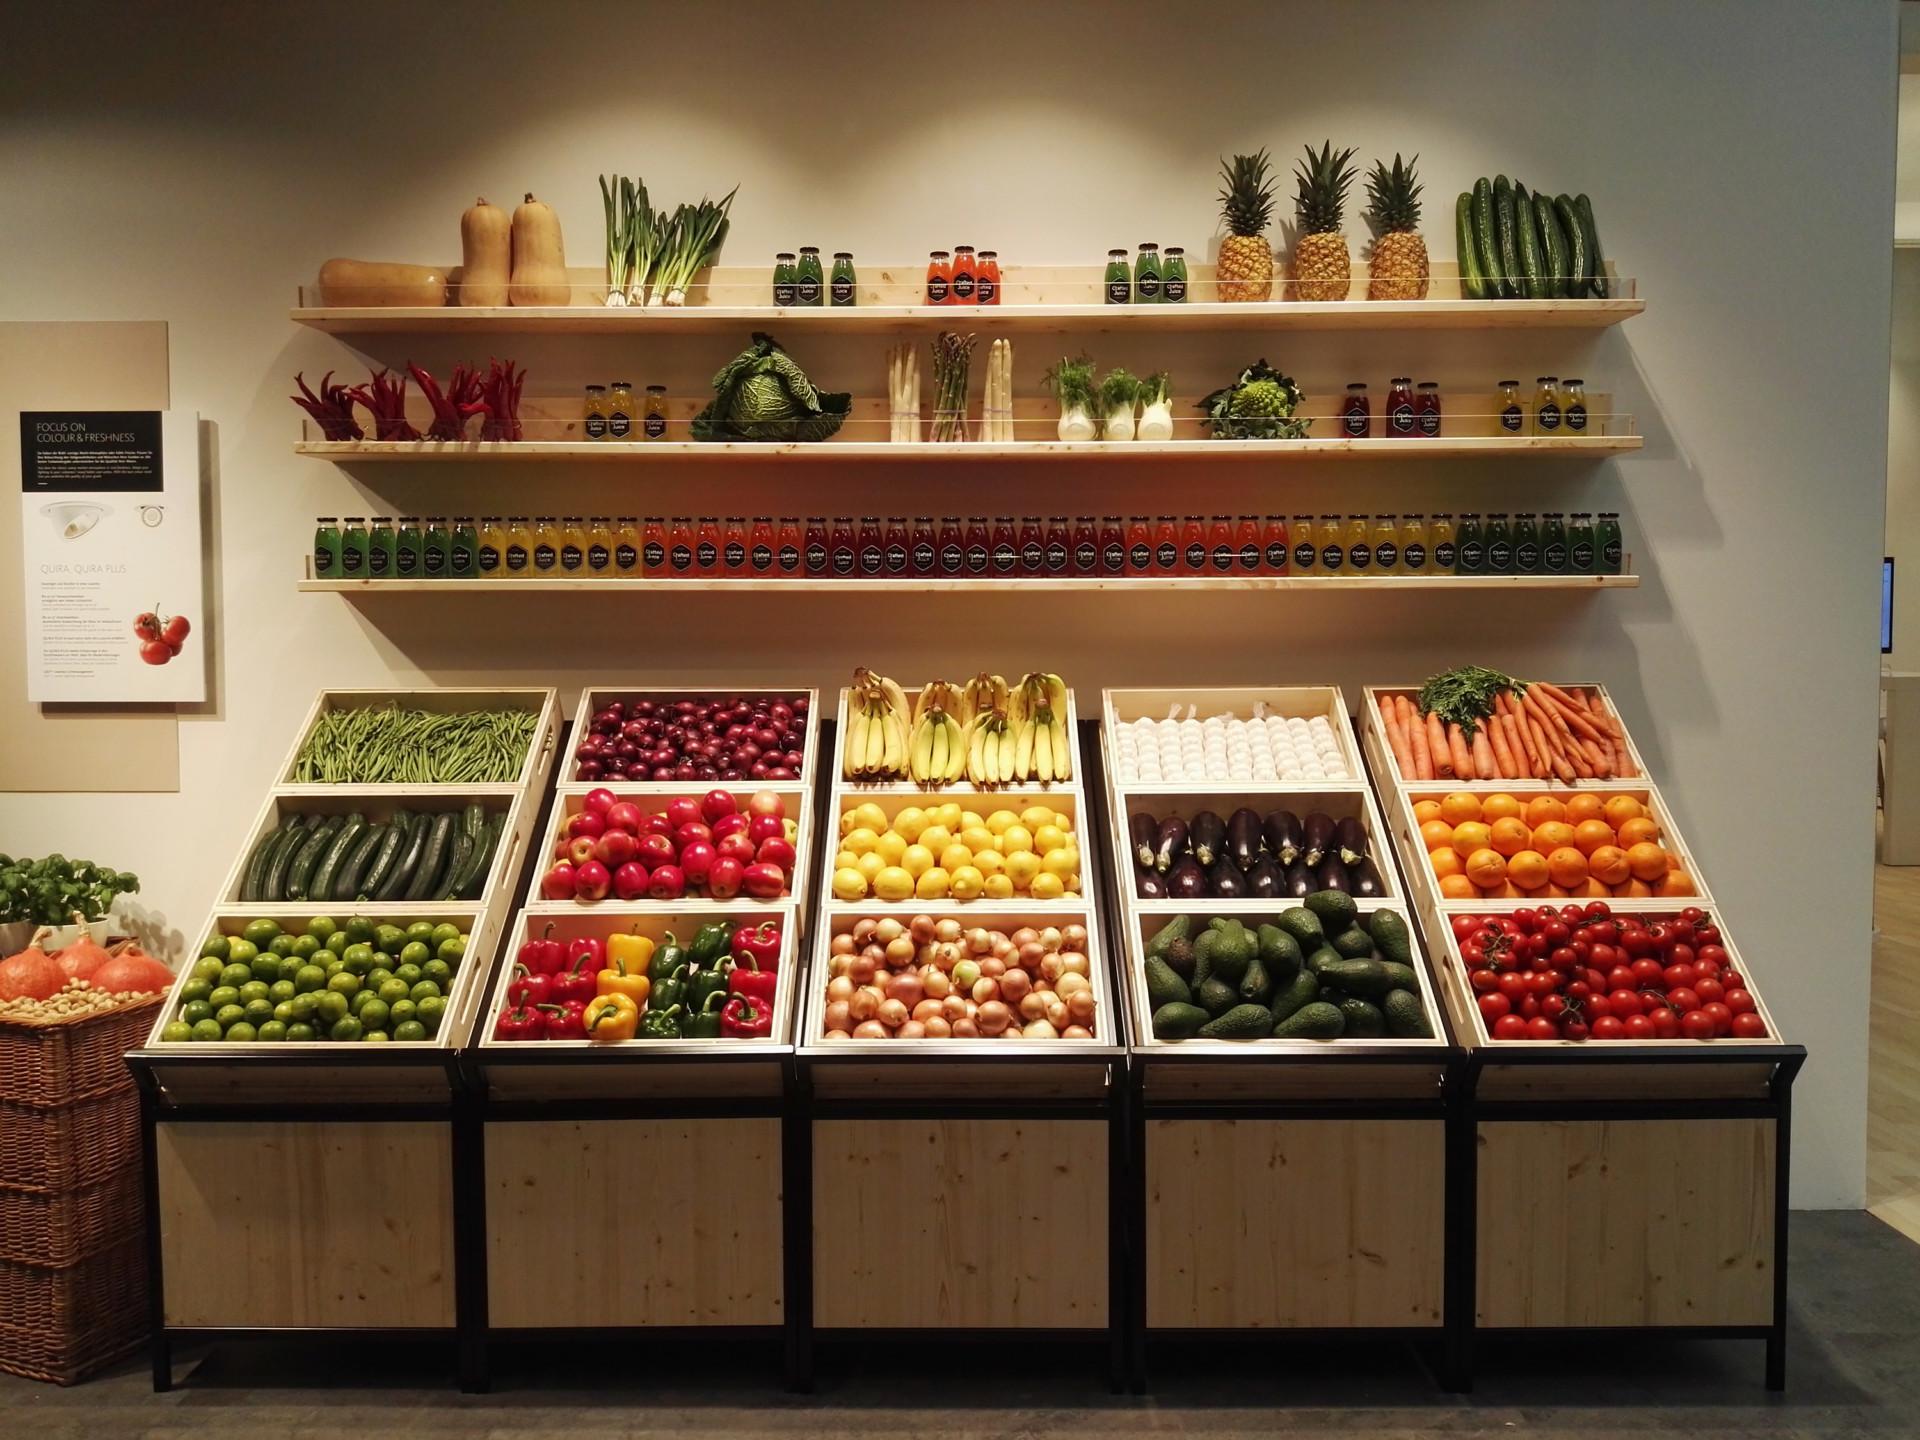 как правильно оформить продуктовый магазин фото организм здоров, способен